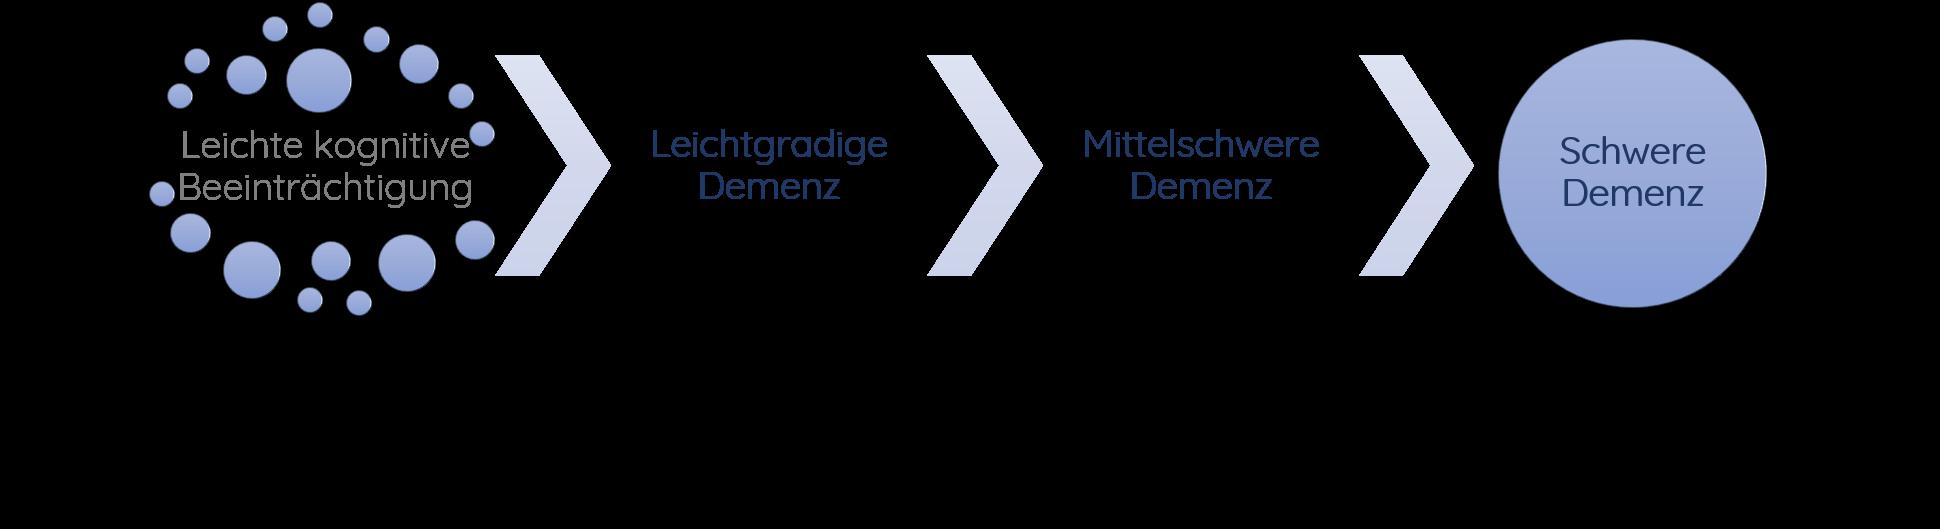 Demenz_Verlauf